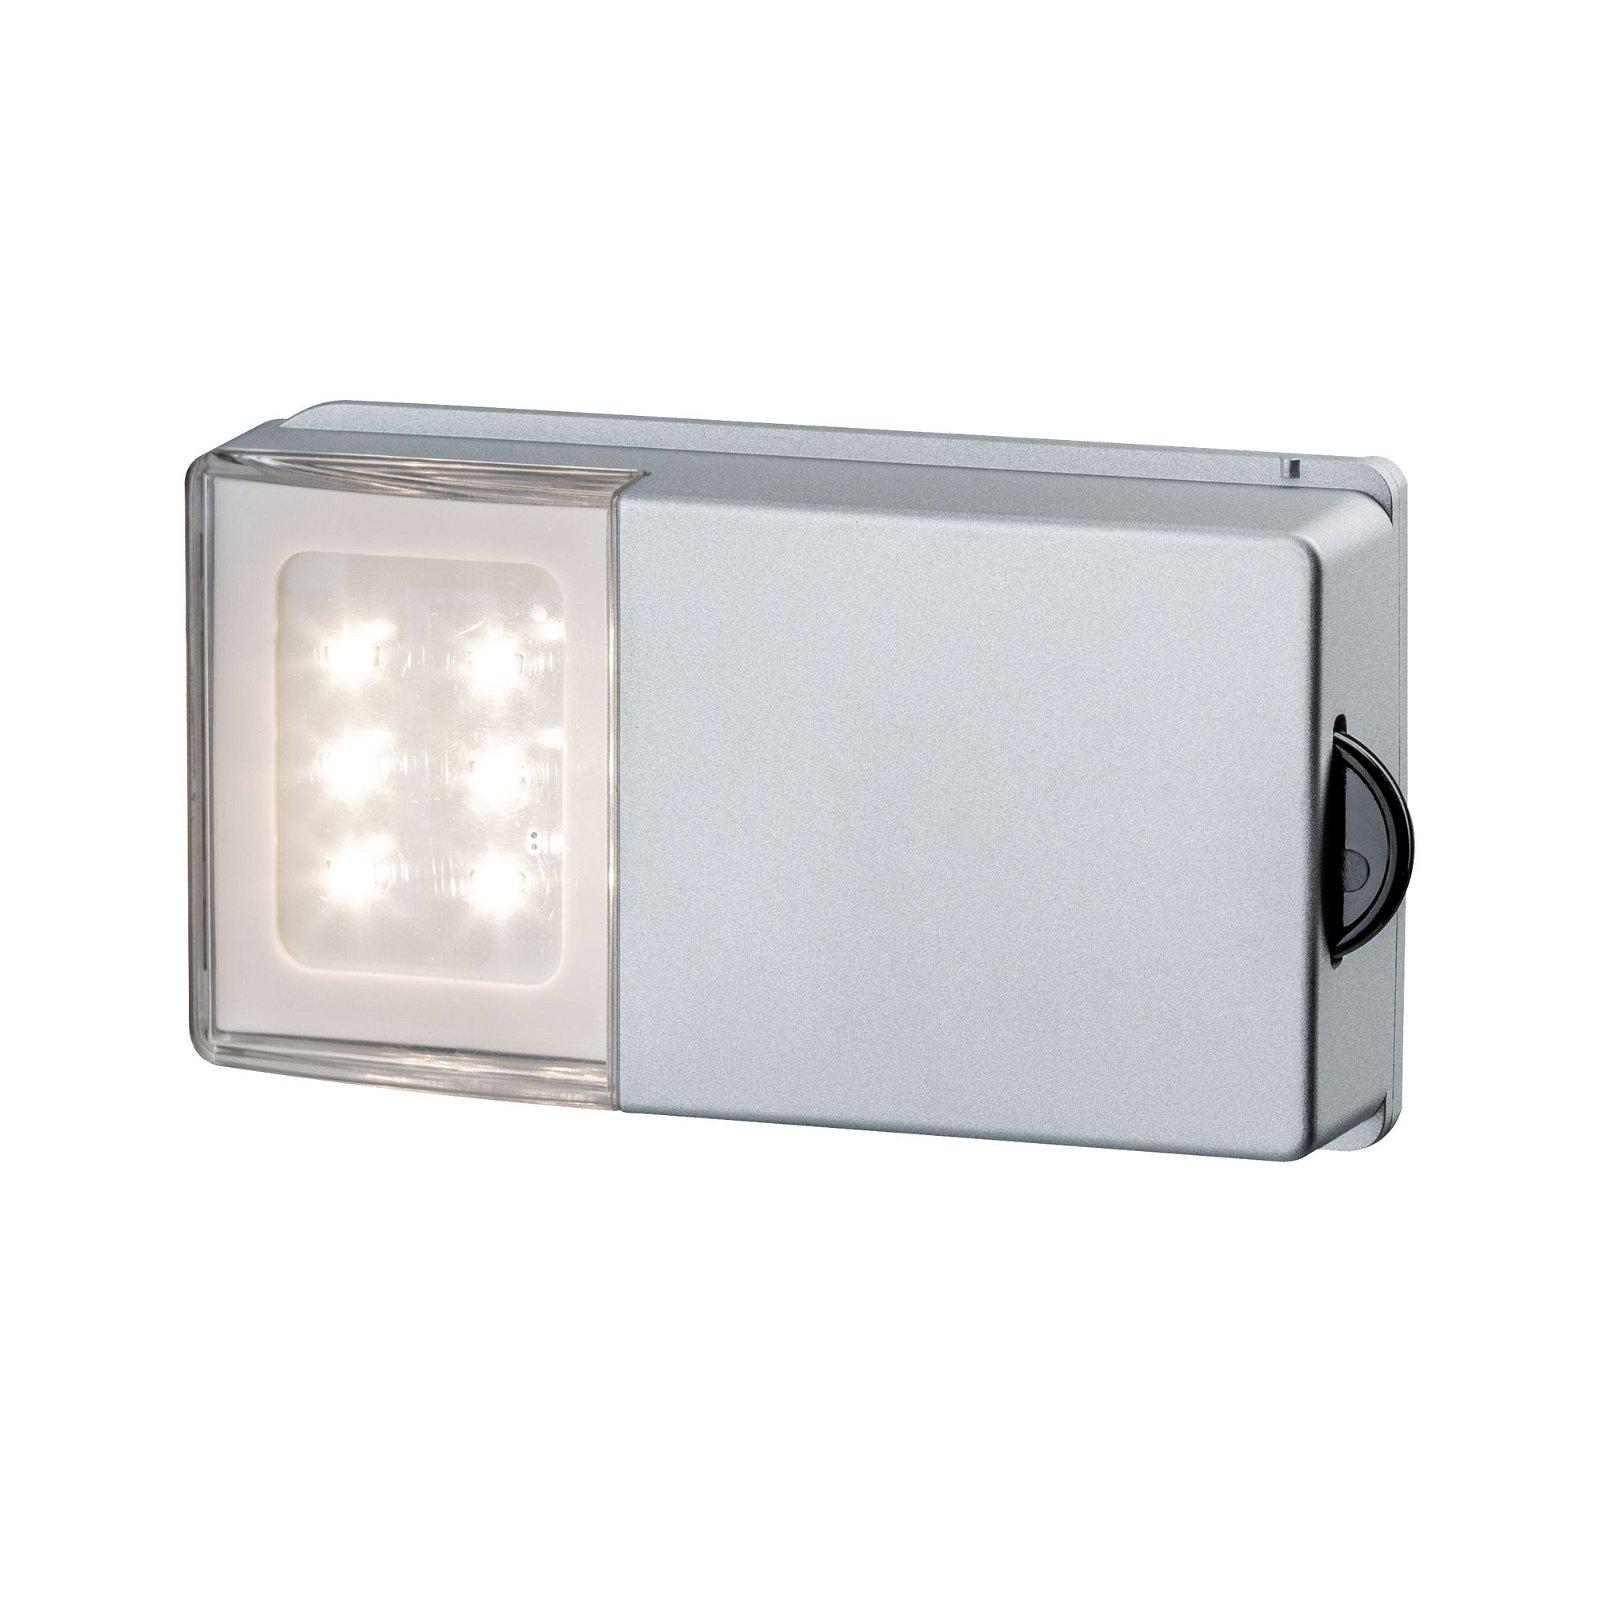 LED Schrankleuchte SnapLED 53x95mm 30lm 2700K Silber